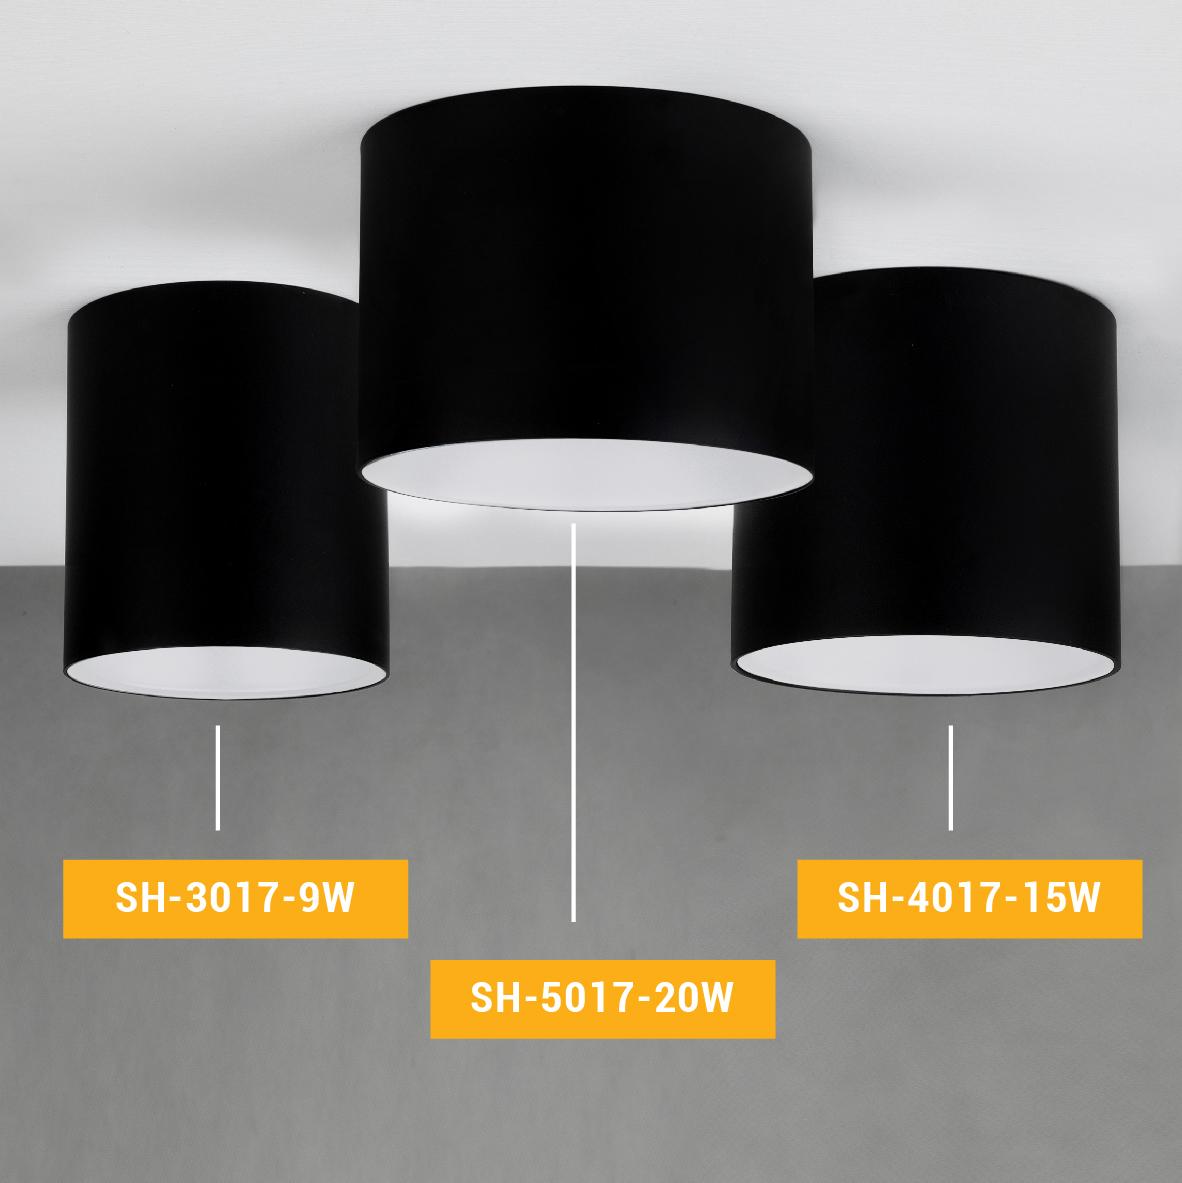 چراغ هاى سقفى روکار SH-4017-15W